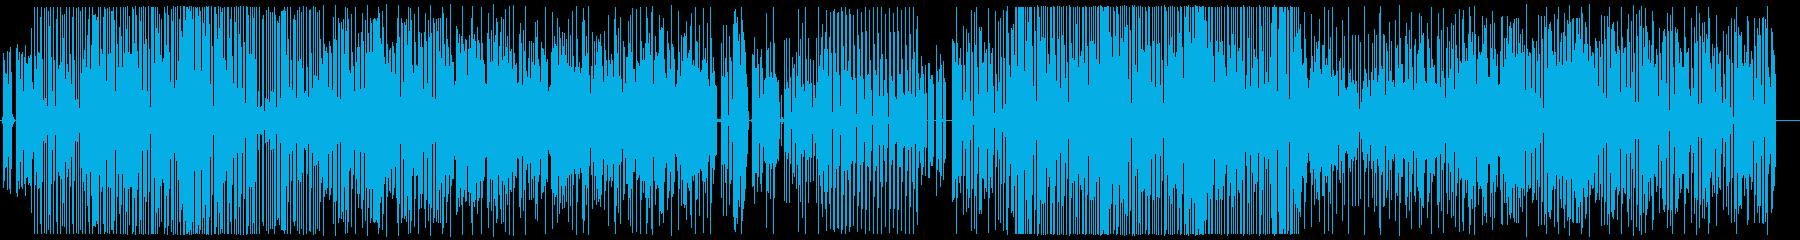 ファンク-BGM-映像-おしゃれ-映画の再生済みの波形